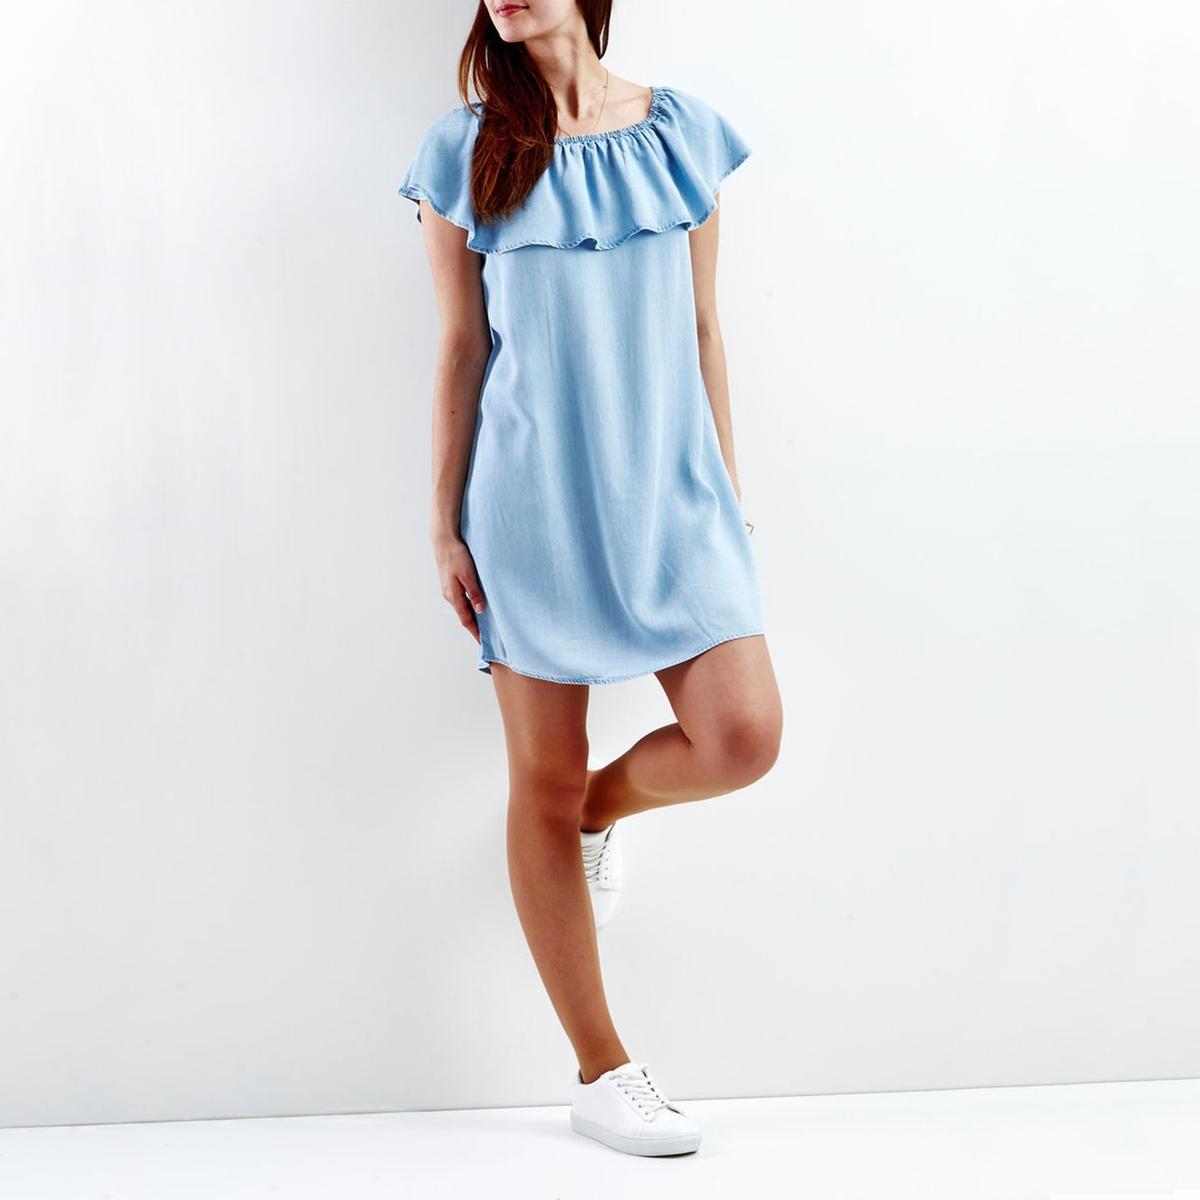 Платье короткое однотонное, без рукавовОписание:Детали •  Форма : МИНИ •  Укороченная модель •  Без рукавов    •  Без воротникаСостав и уход •  100% лиоцелл  •  Следуйте рекомендациям по уходу, указанным на этикетке изделия<br><br>Цвет: синий деним<br>Размер: S